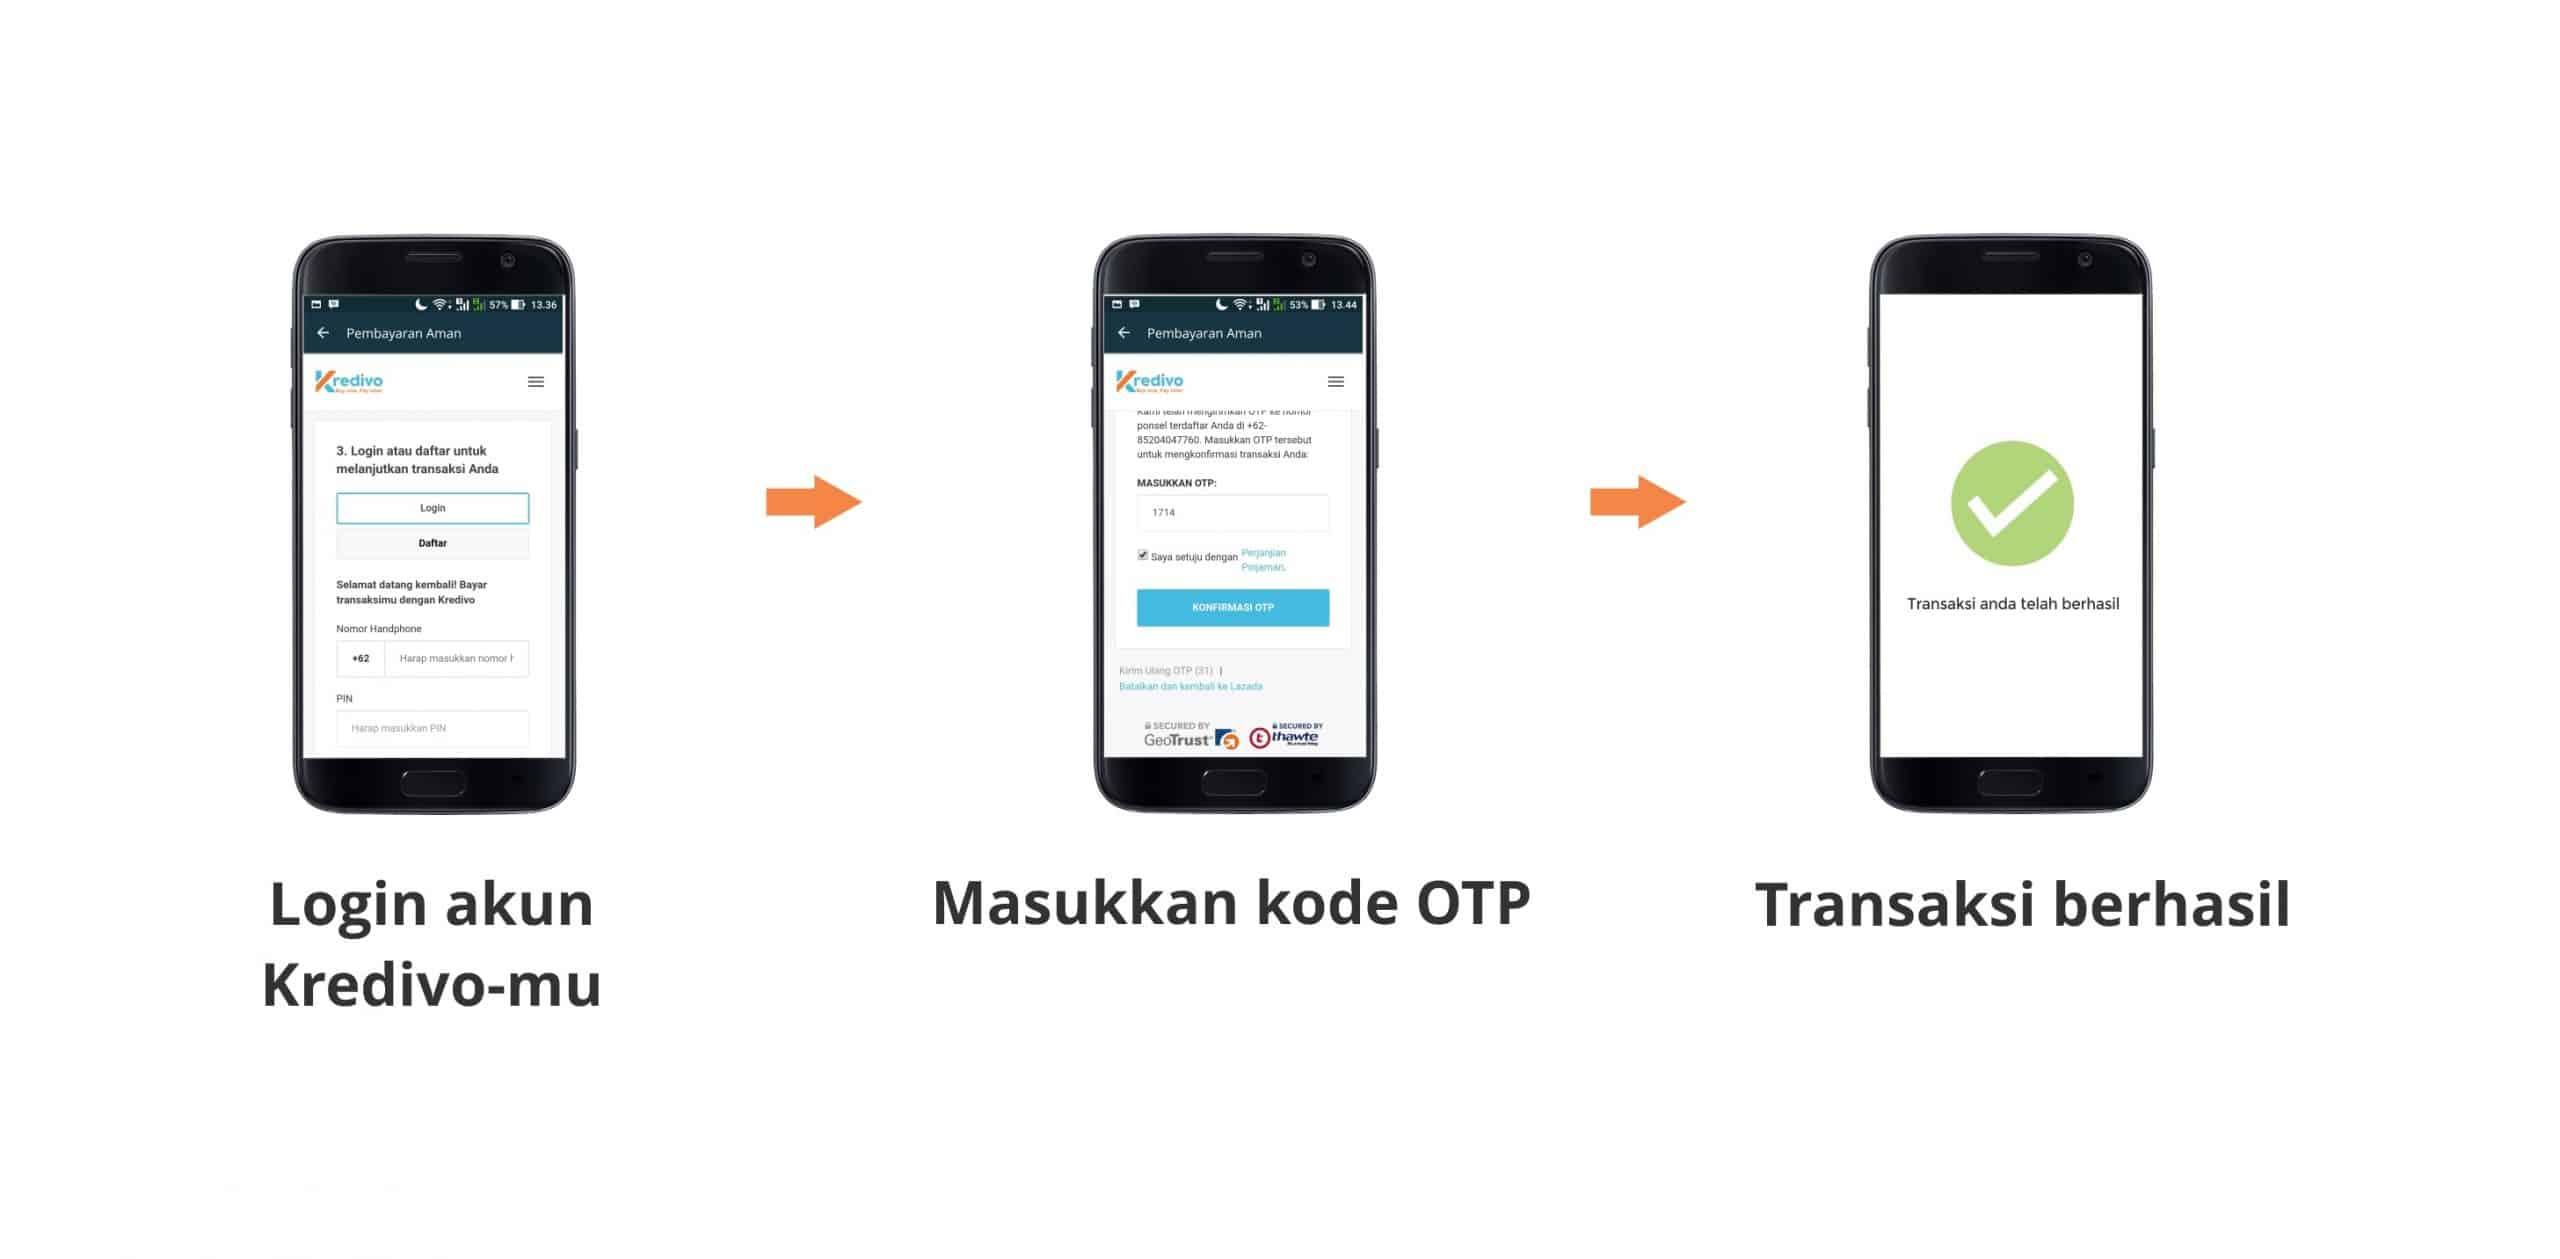 Anda akan mendapatkan sms berupa kode OTP atau One Time Password sebagai konfirmasi dan keamanan dalam berbelanja online